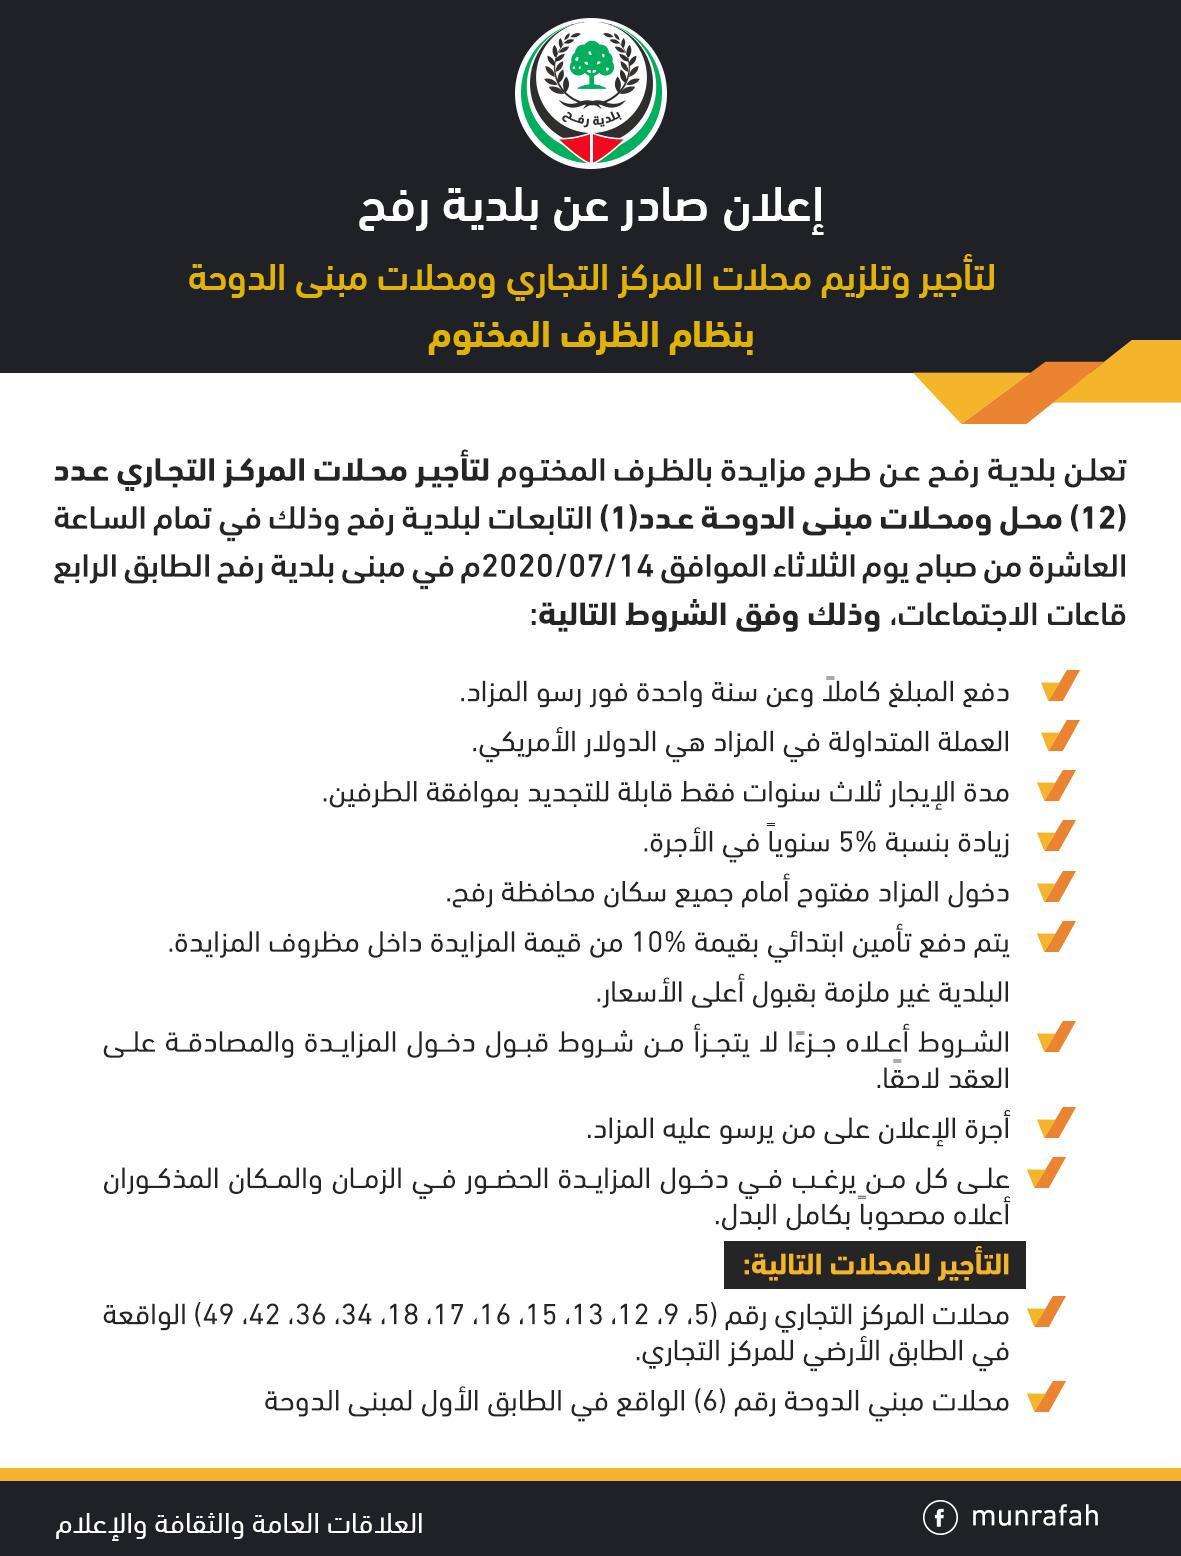 إعلان تلزيم محلات المركز التجاري ومبنى الدوحة